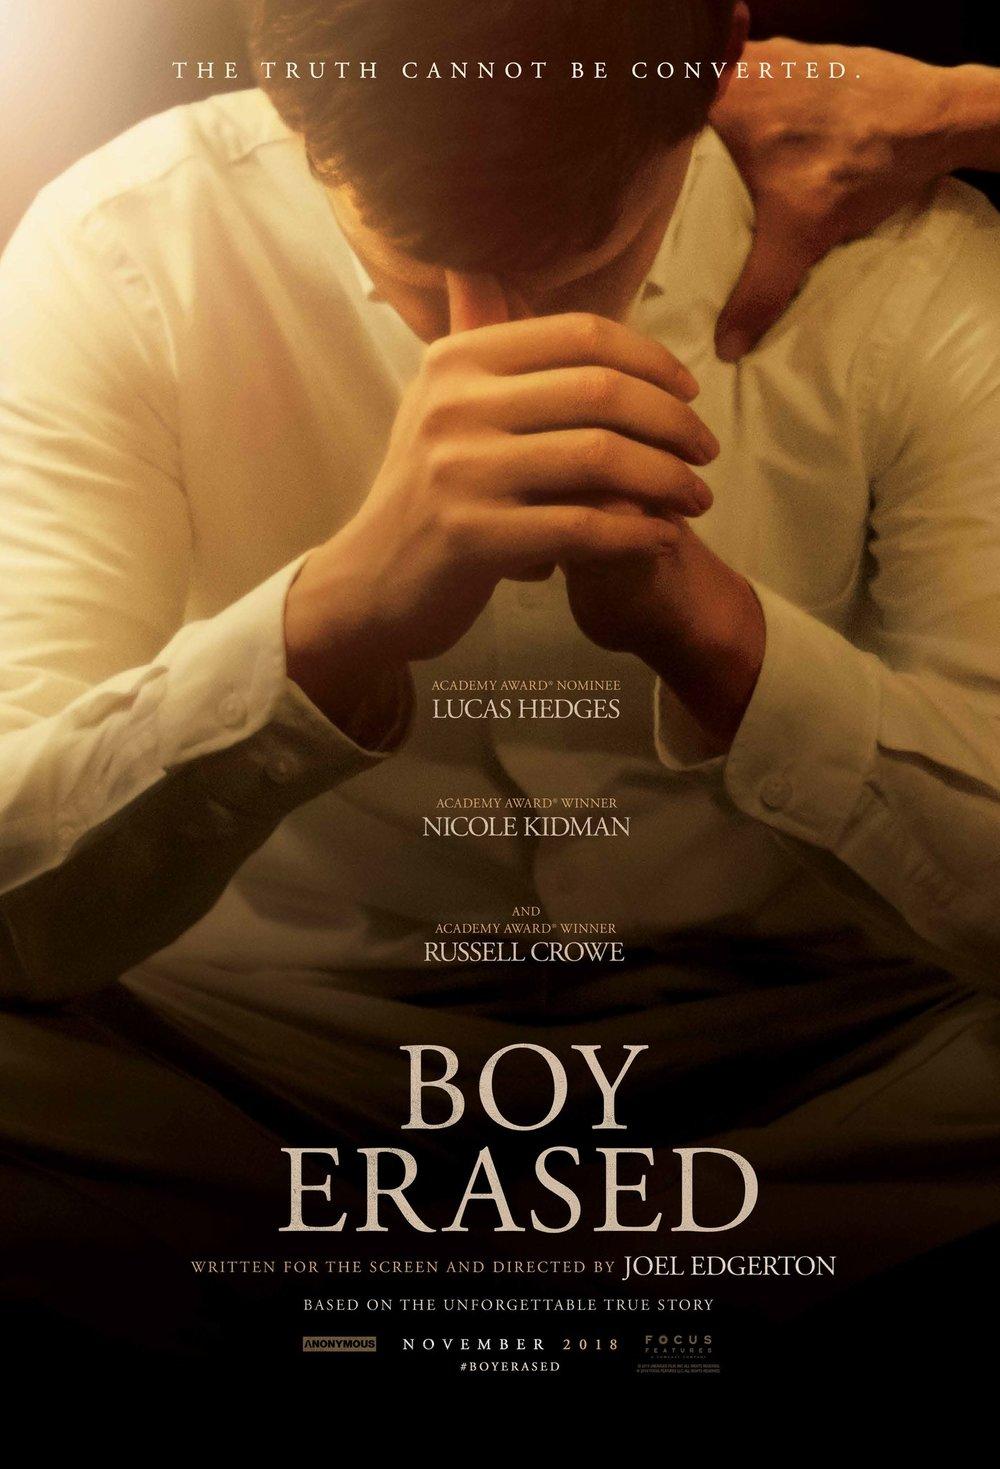 boy erased movie poster.jpg